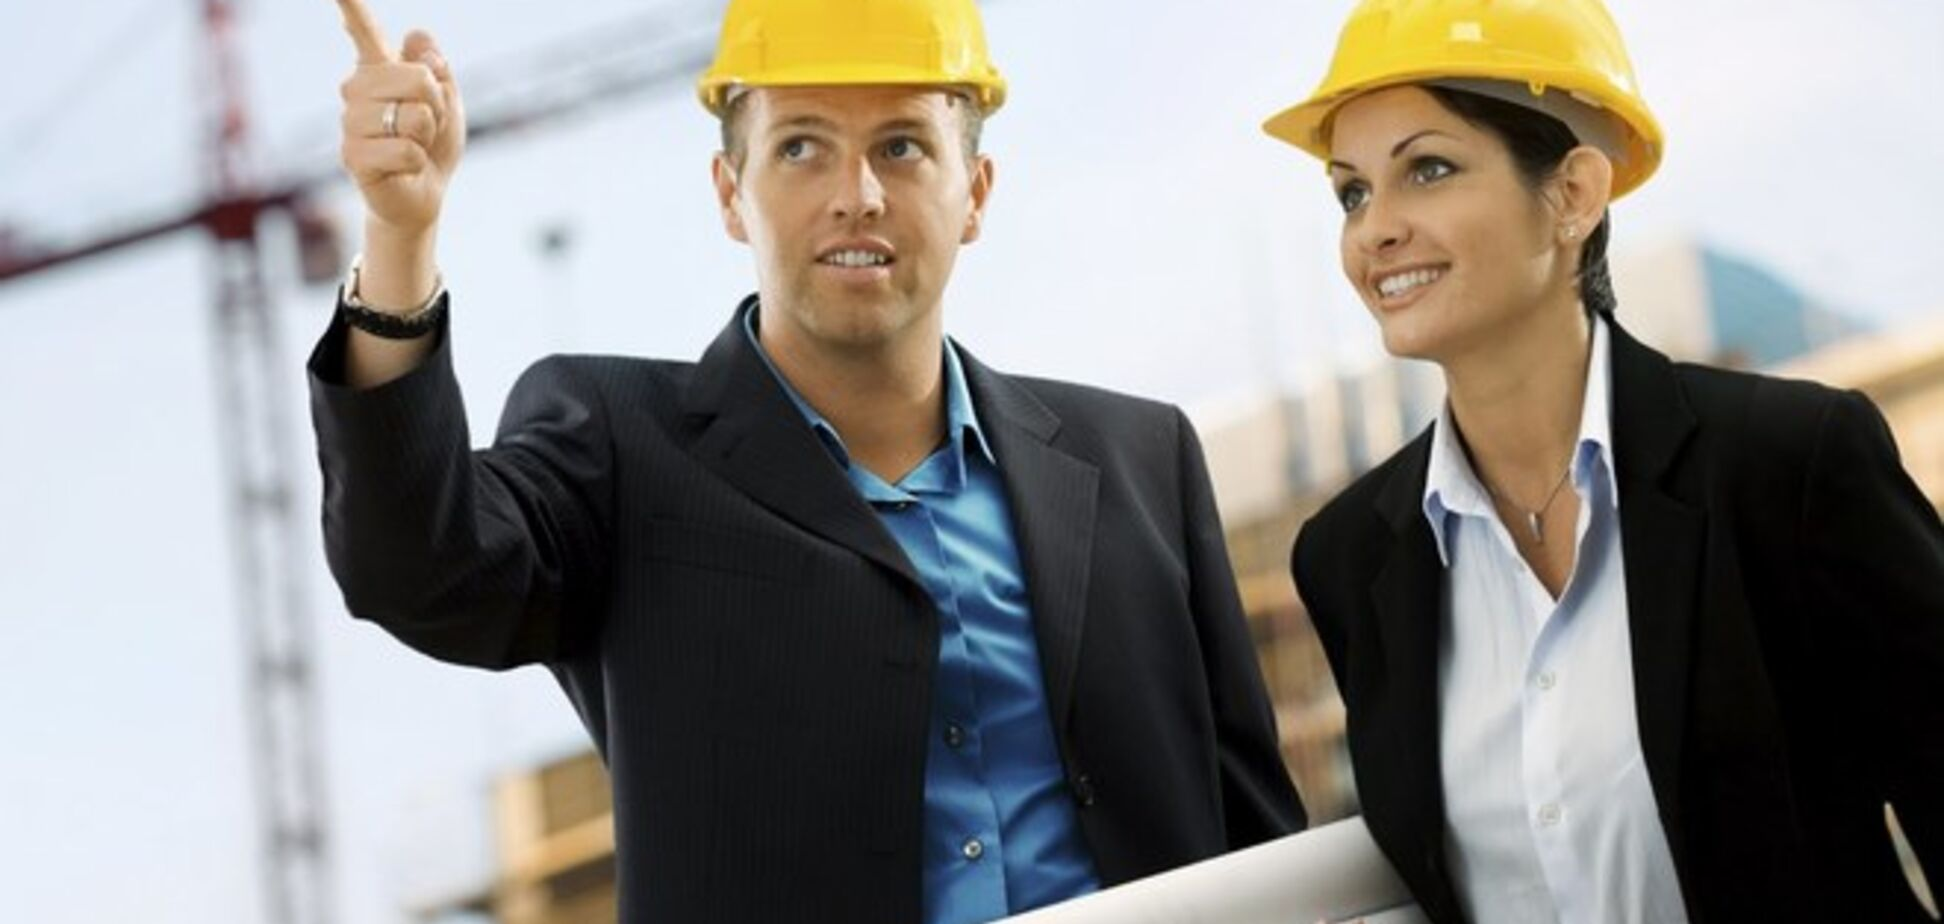 Прорабов на стройке хотят сертифицировать